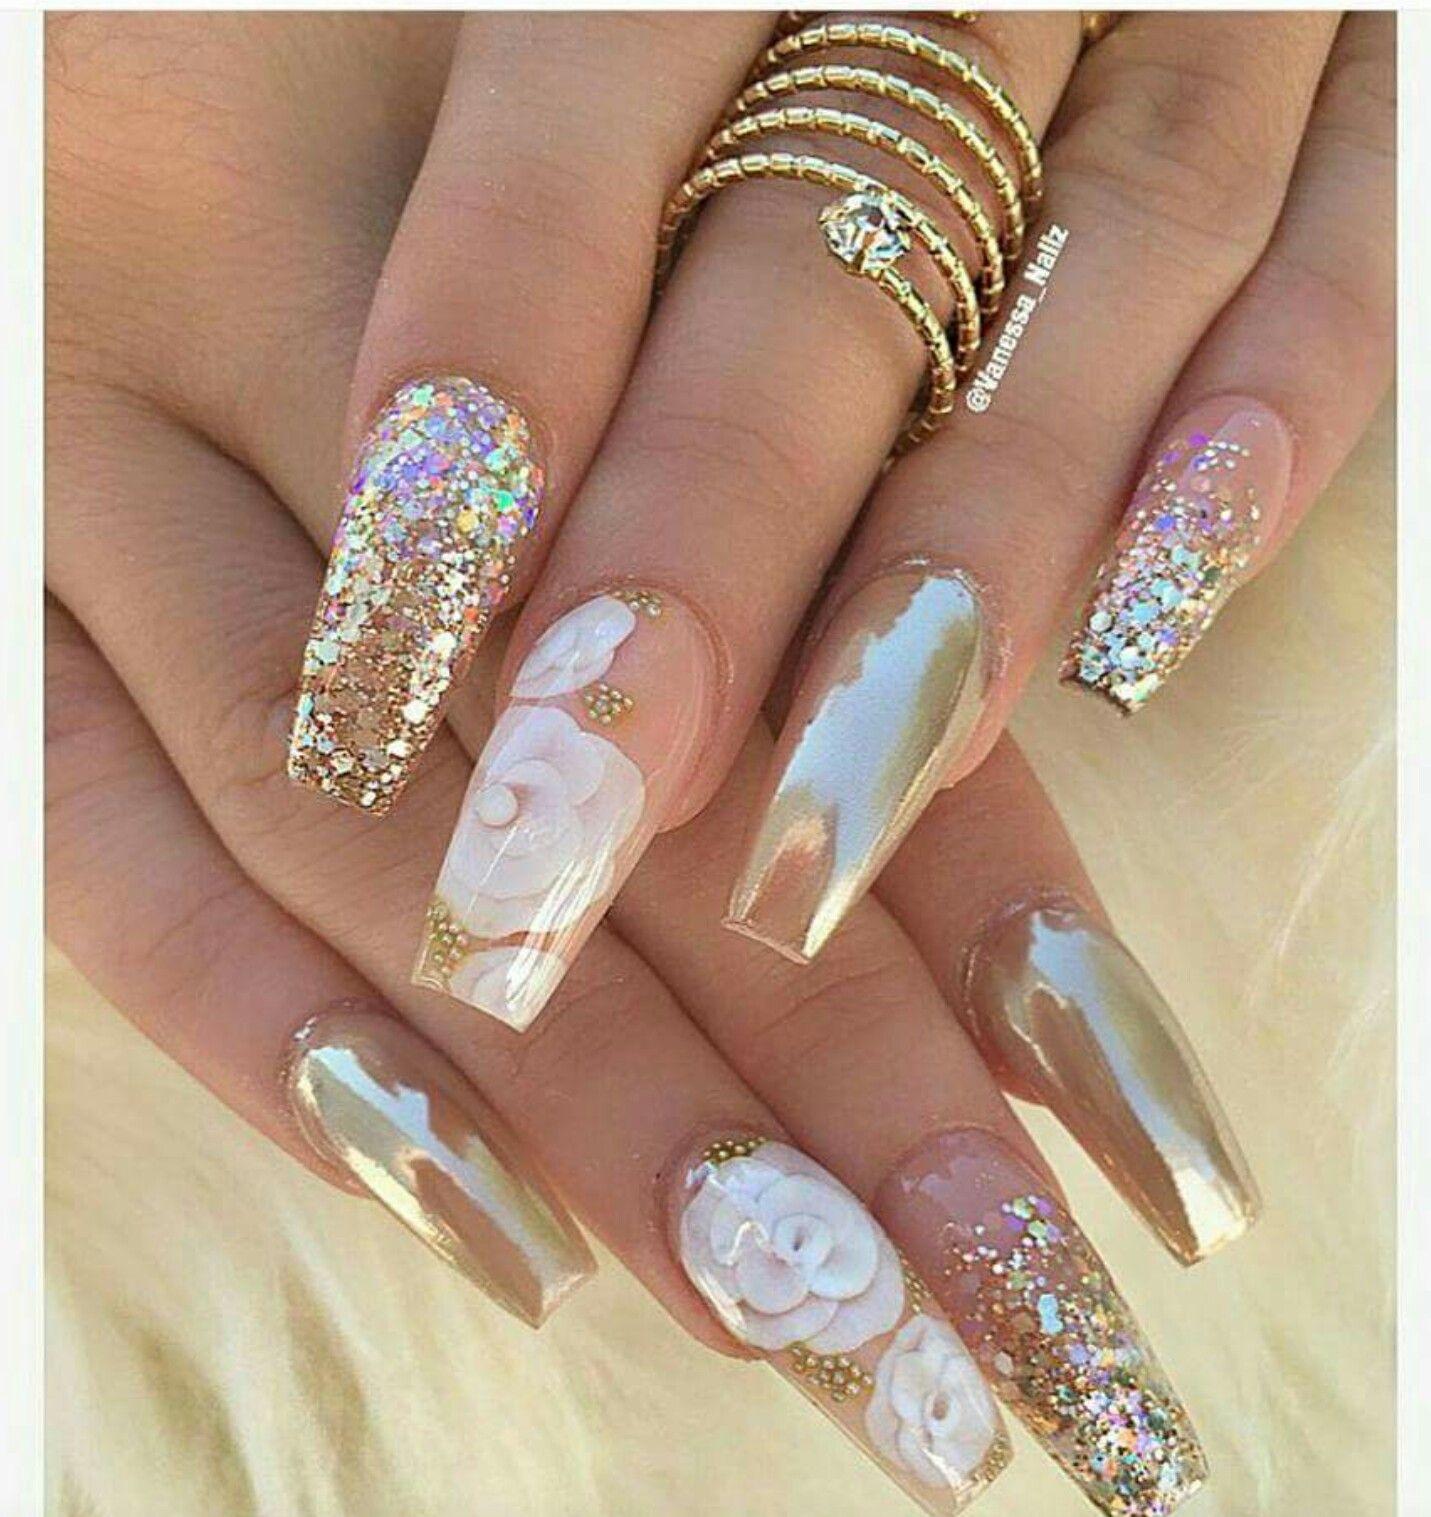 Pin von Lisbel Rozewicz auf Creative nails :) | Pinterest ...